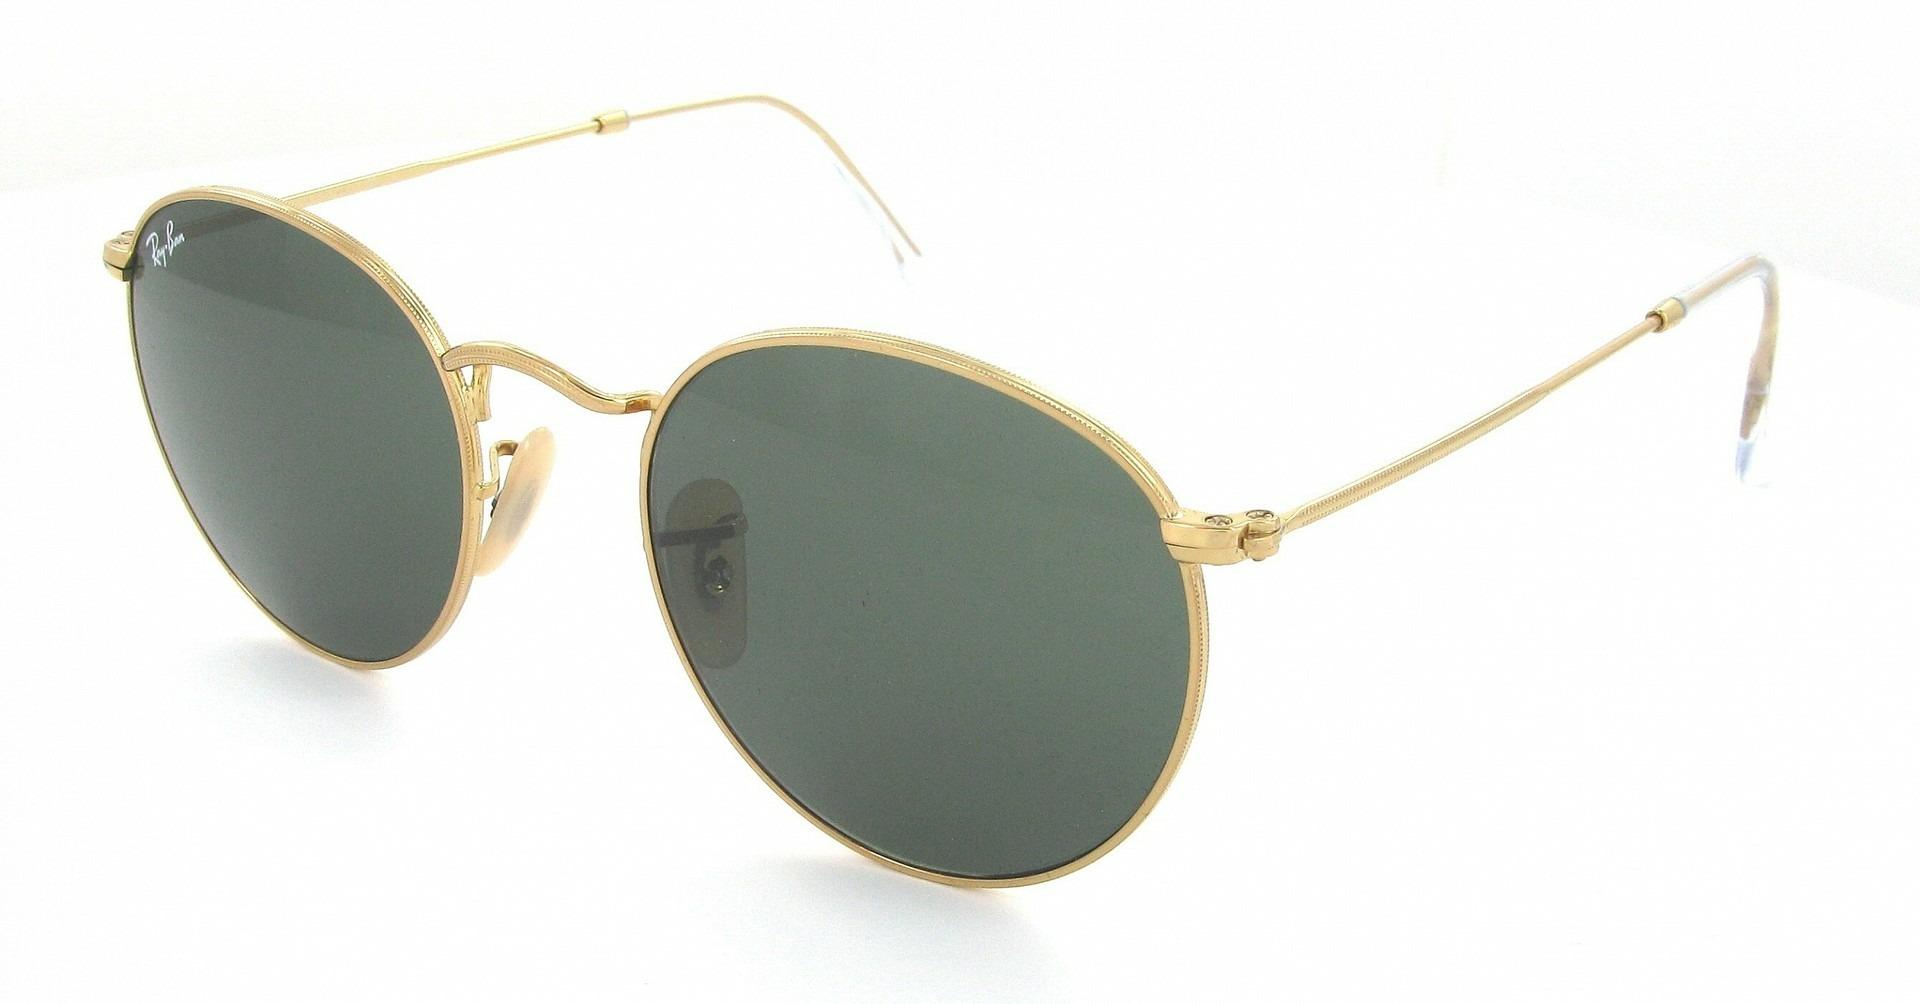 ecd9ce816 Ray Ban Wayfarer slnečné okuliare vo farebnom prevedení. lennonky - pre  hranatú tvár